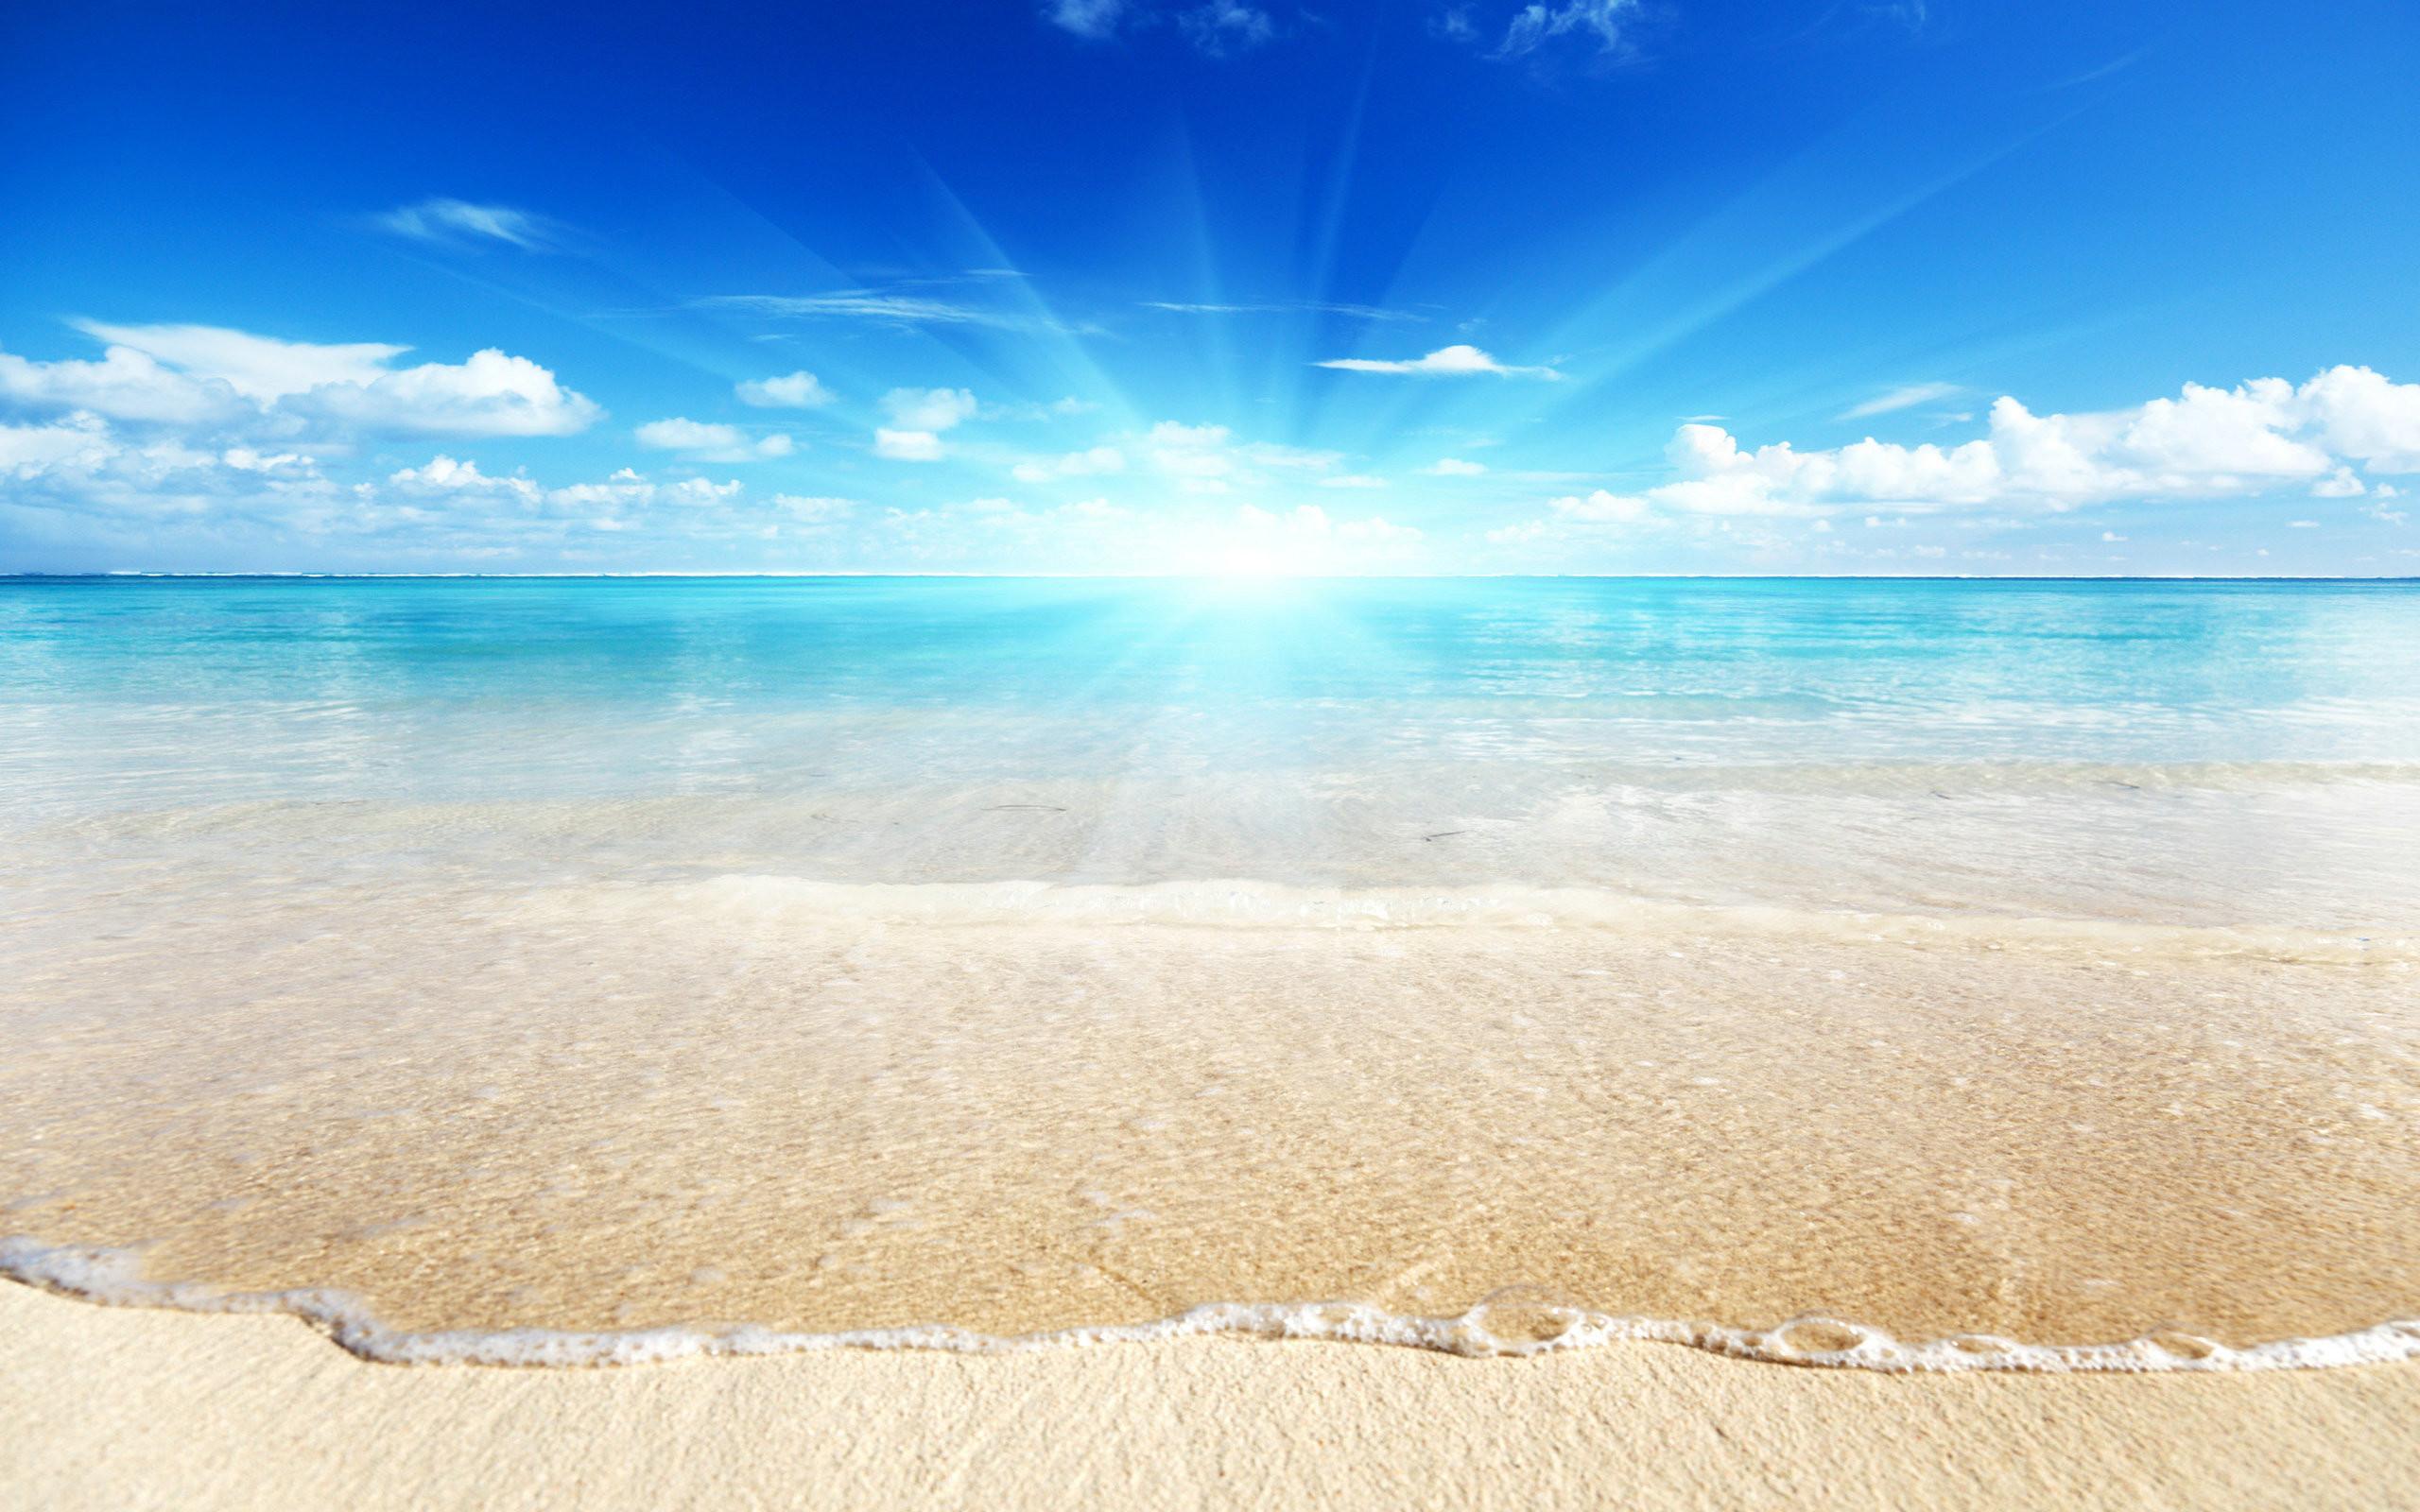 beach photo hd